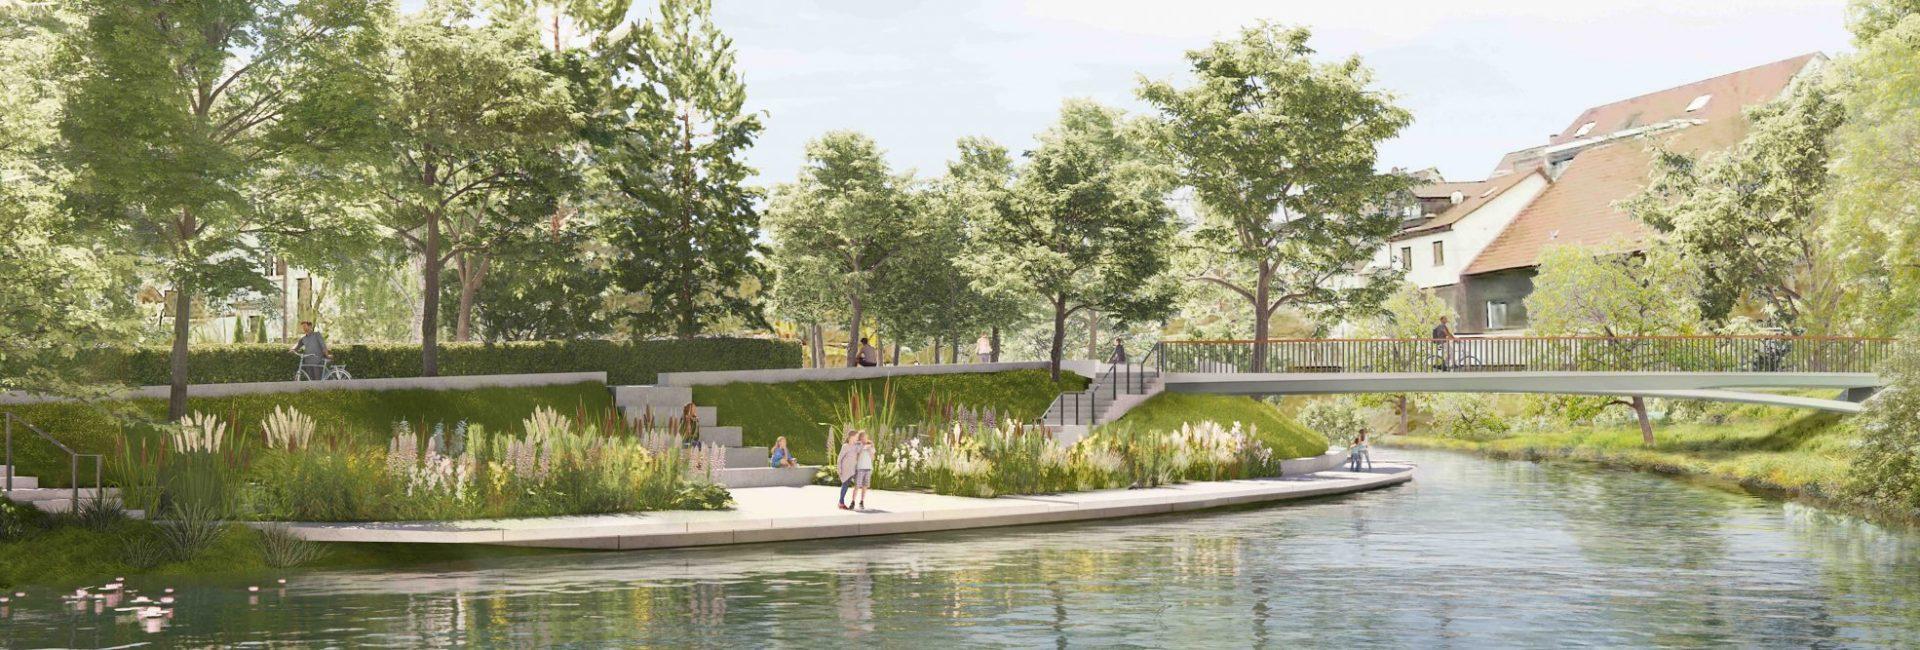 Visualisierung der Wassergärten